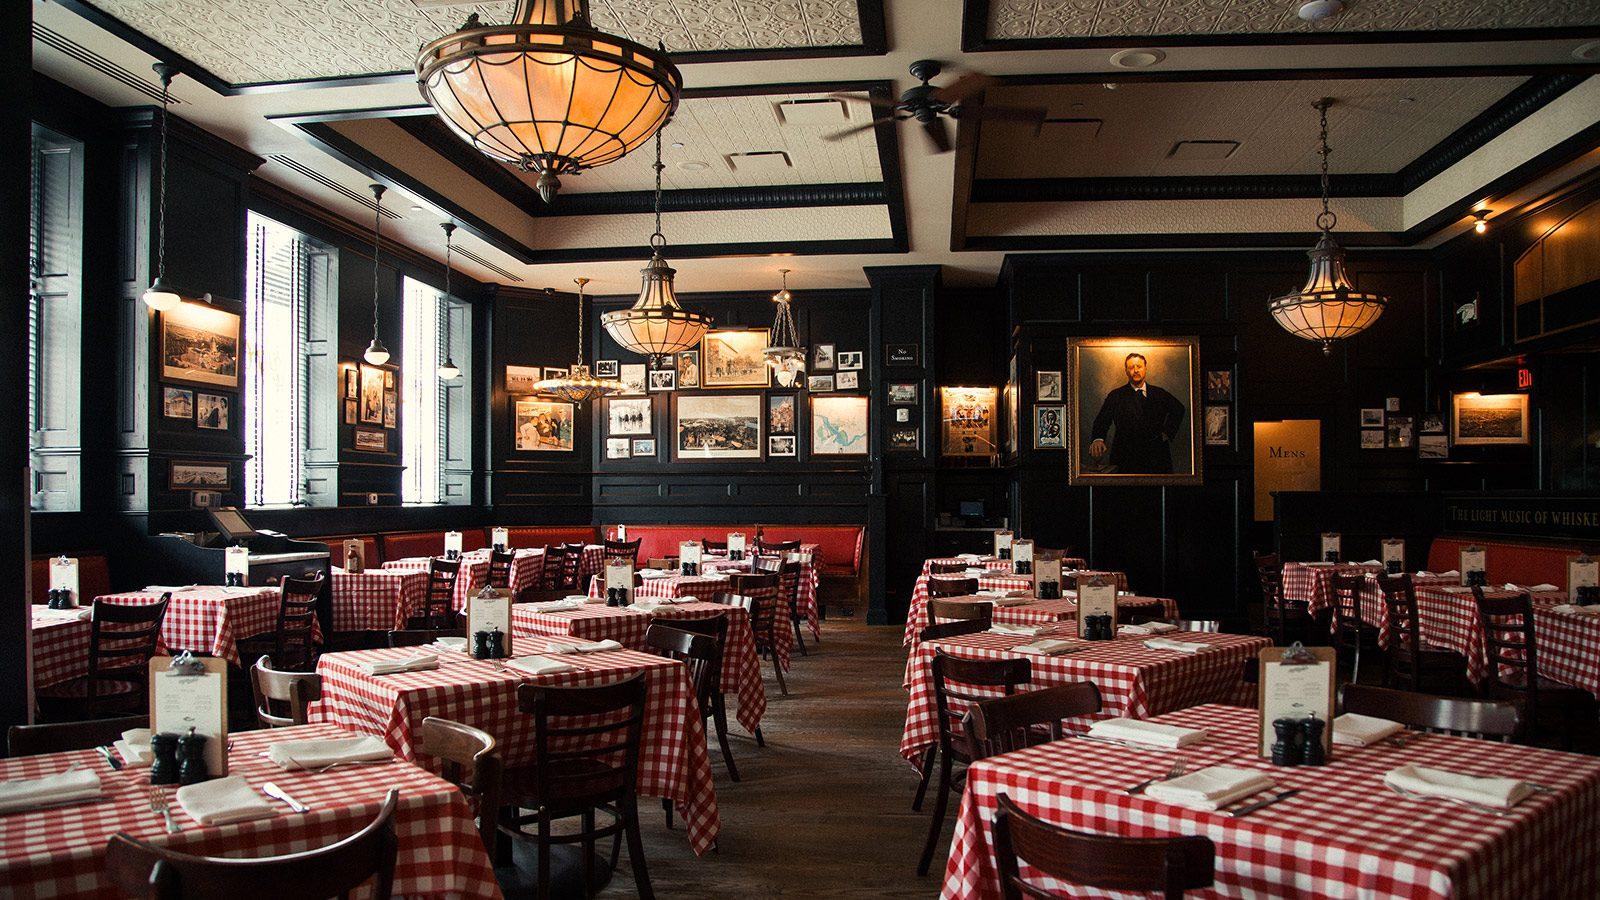 pj clarkes restaurant and bar washington dc pj